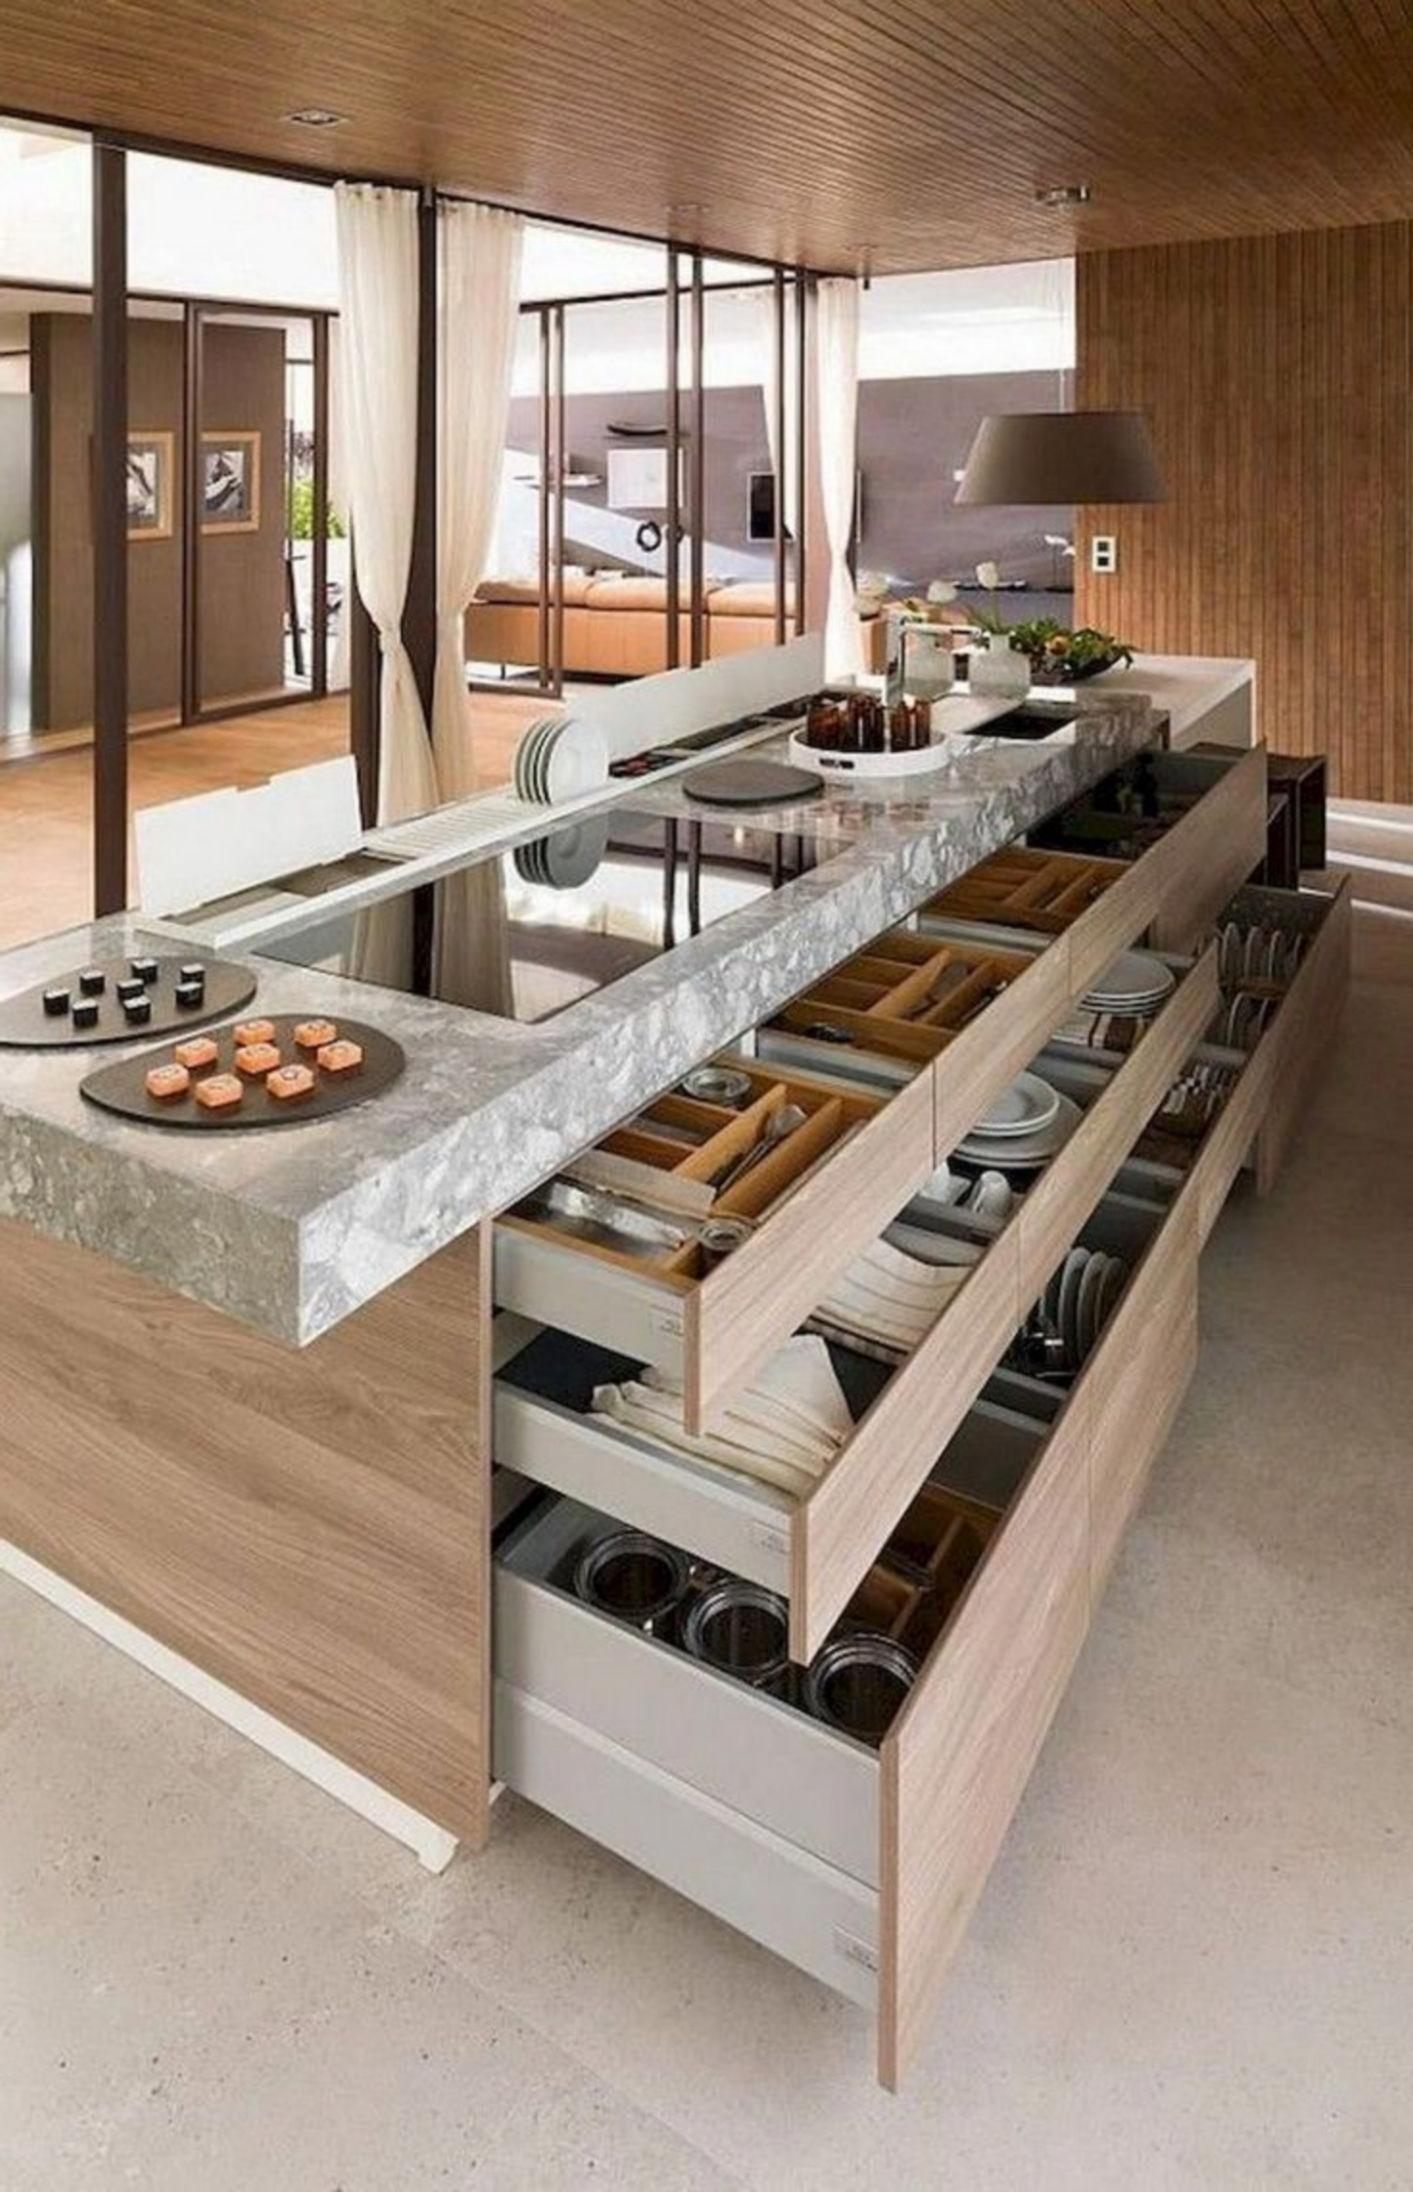 Kuchyňská linka s otevřenými šuplíky